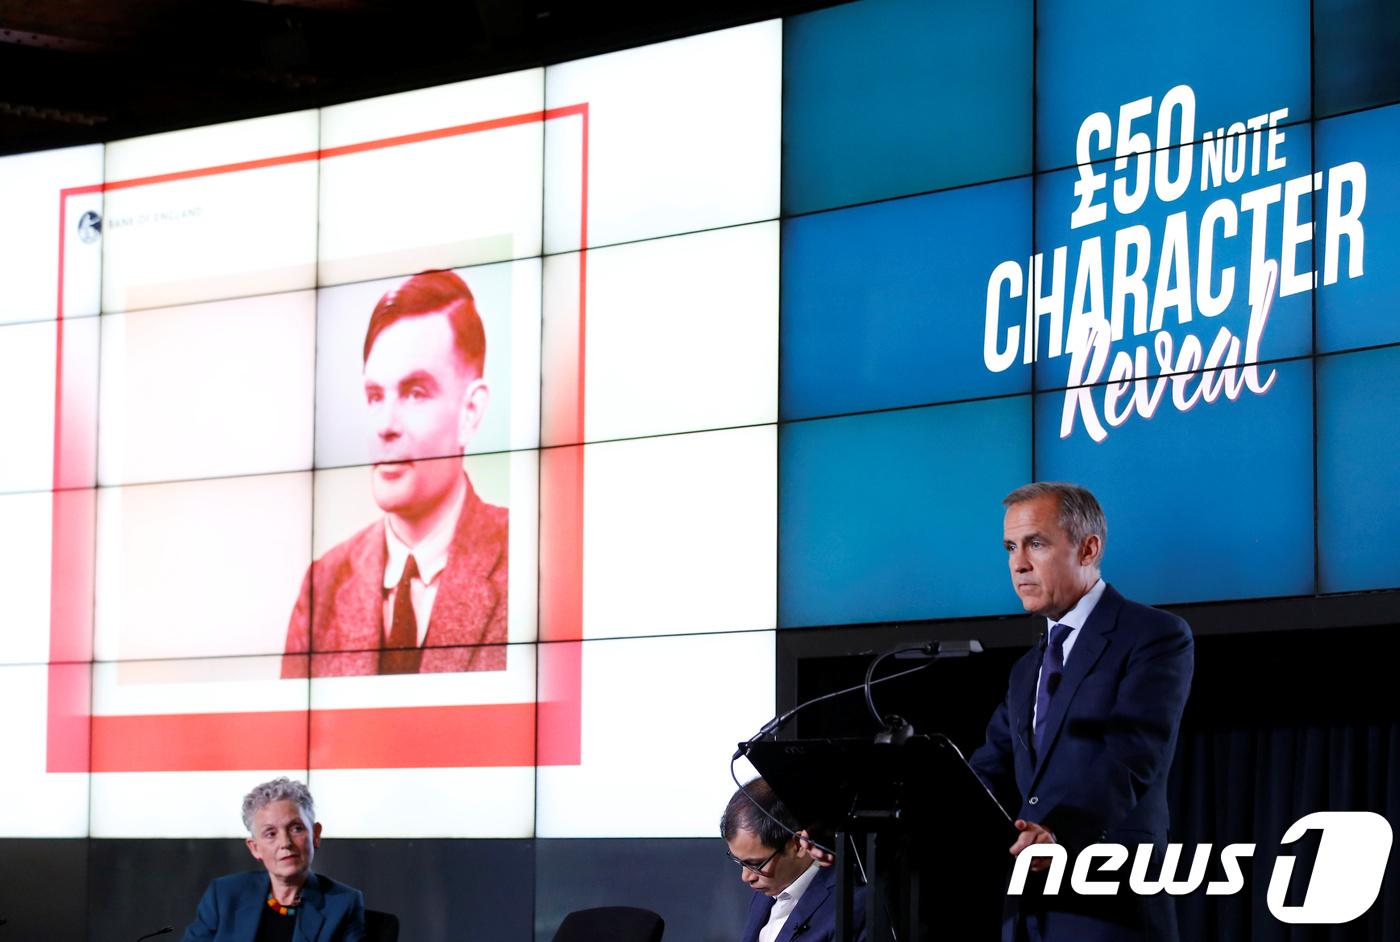 '컴퓨터 과학의 아버지' 앨런 튜링, 英지폐 얼굴 됐다[티오피 토토|브로스 토토]